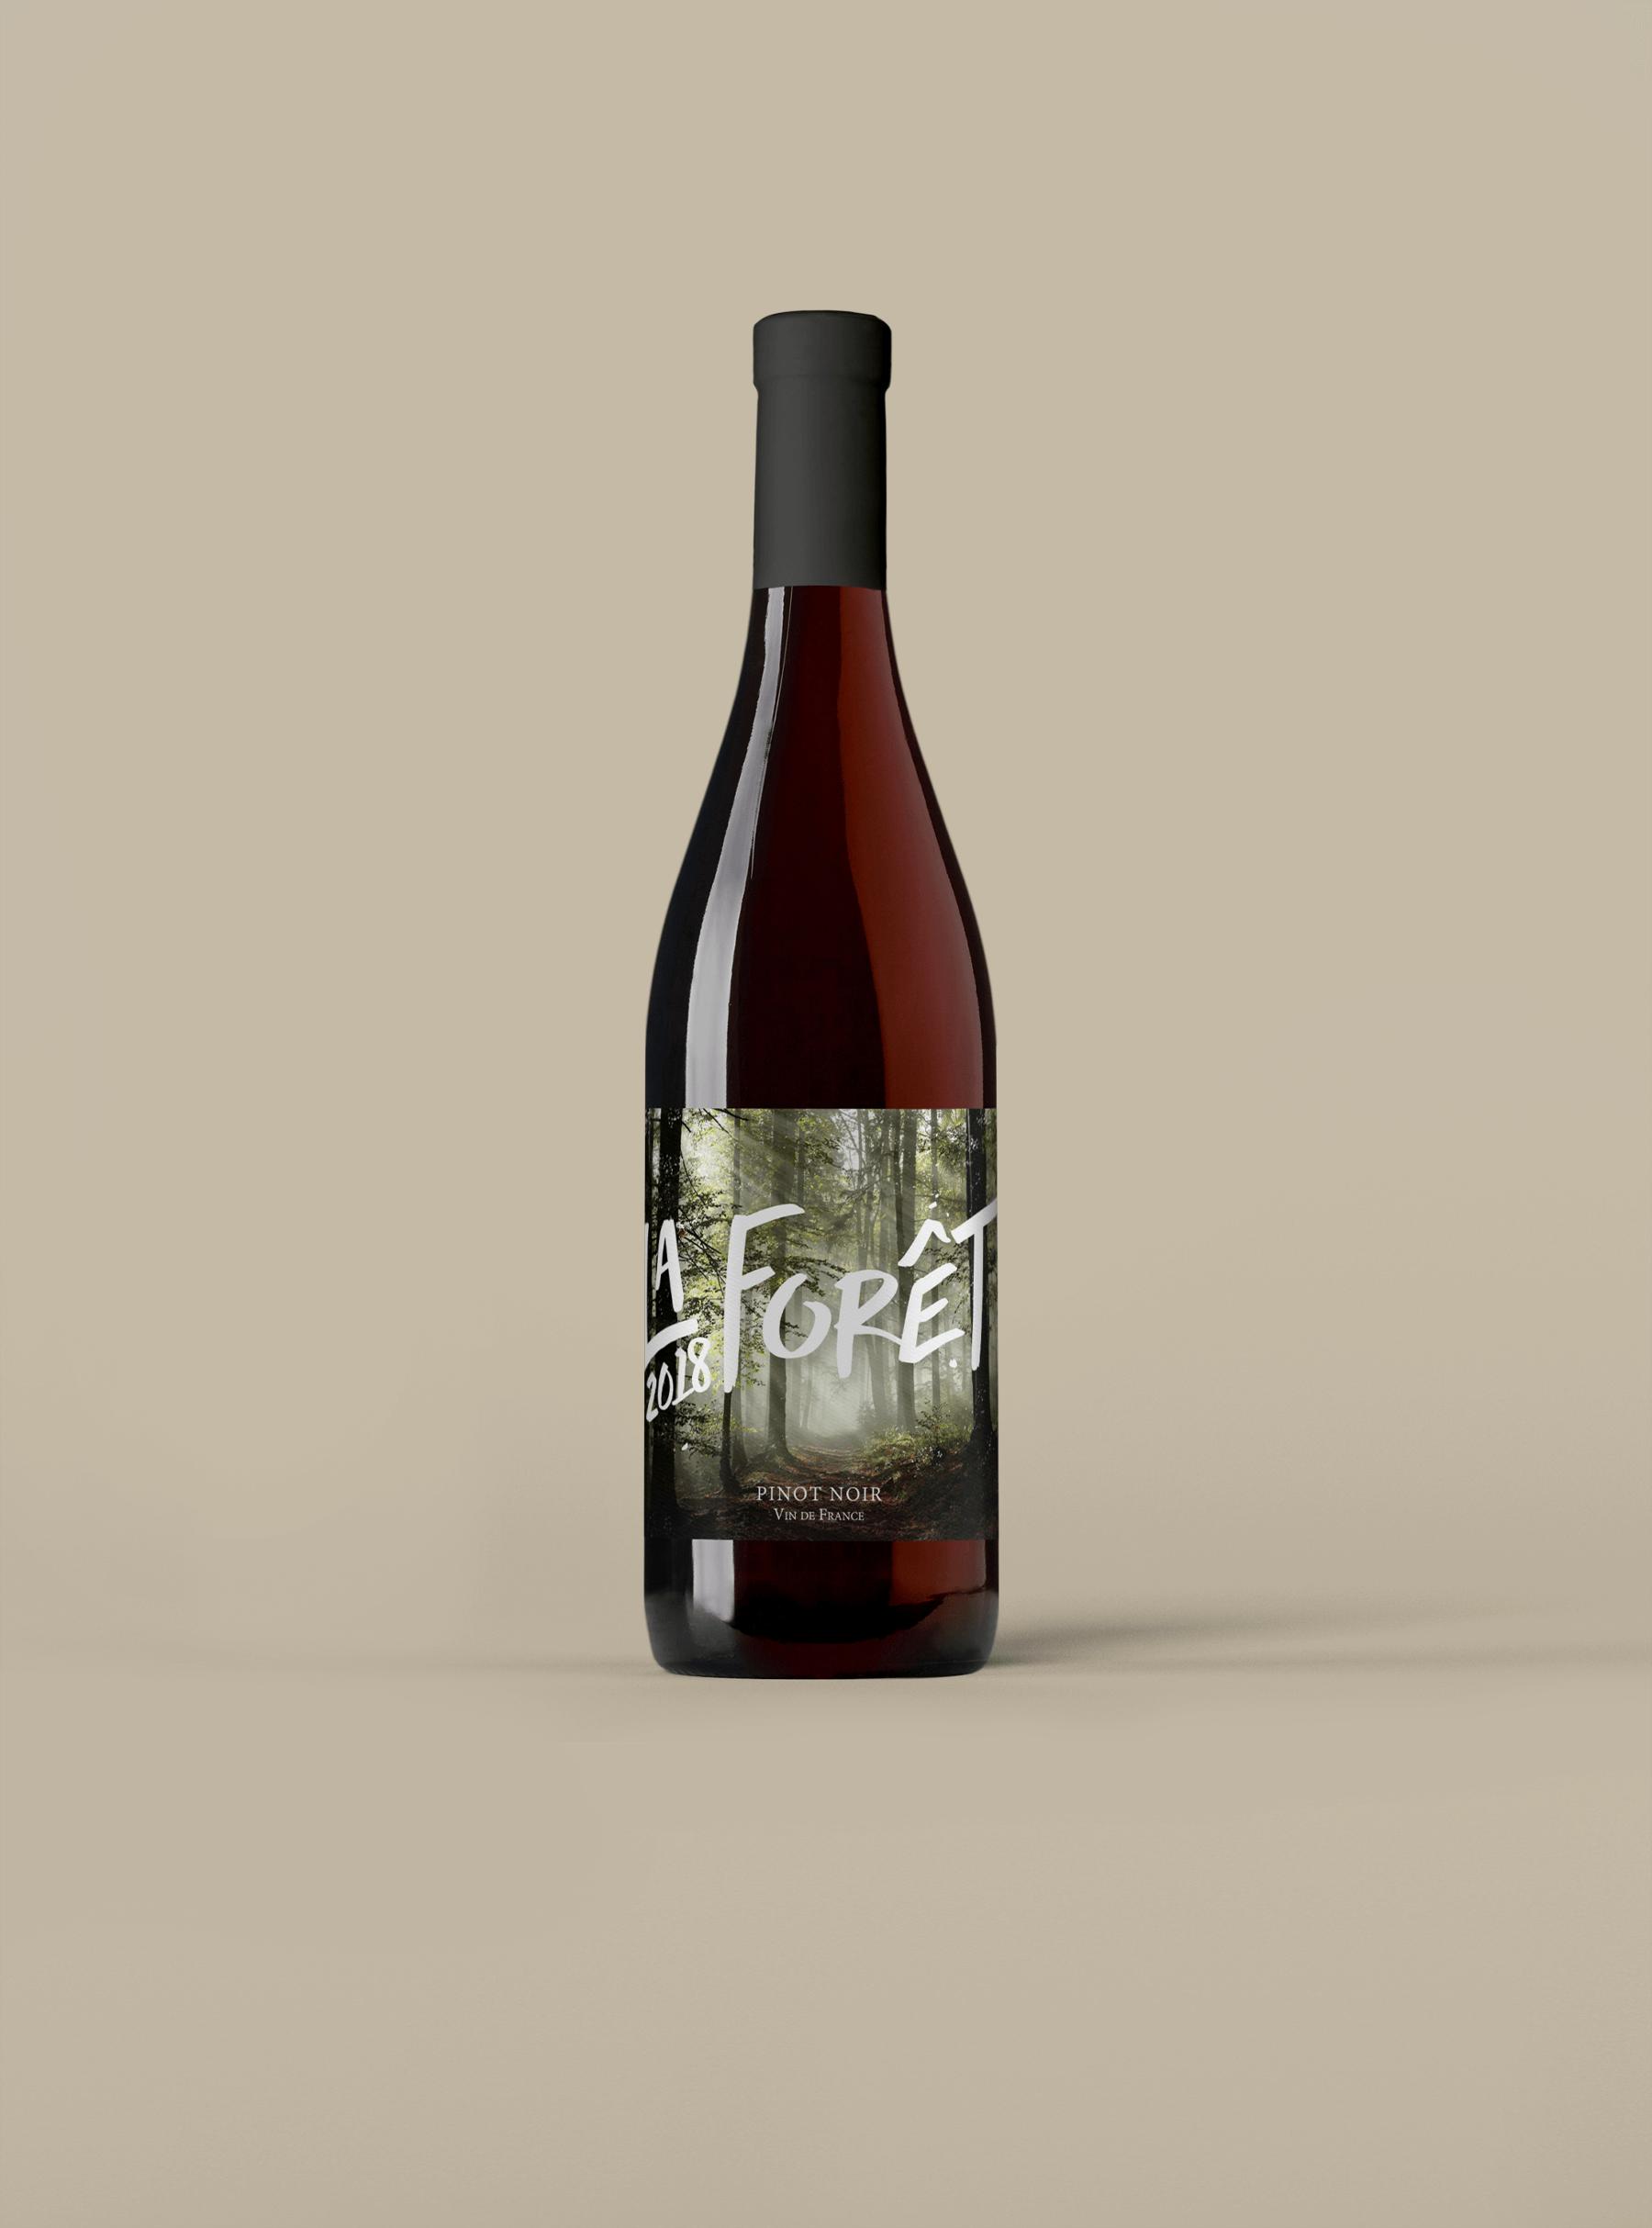 La Forêt Vin de France Pinot Noir